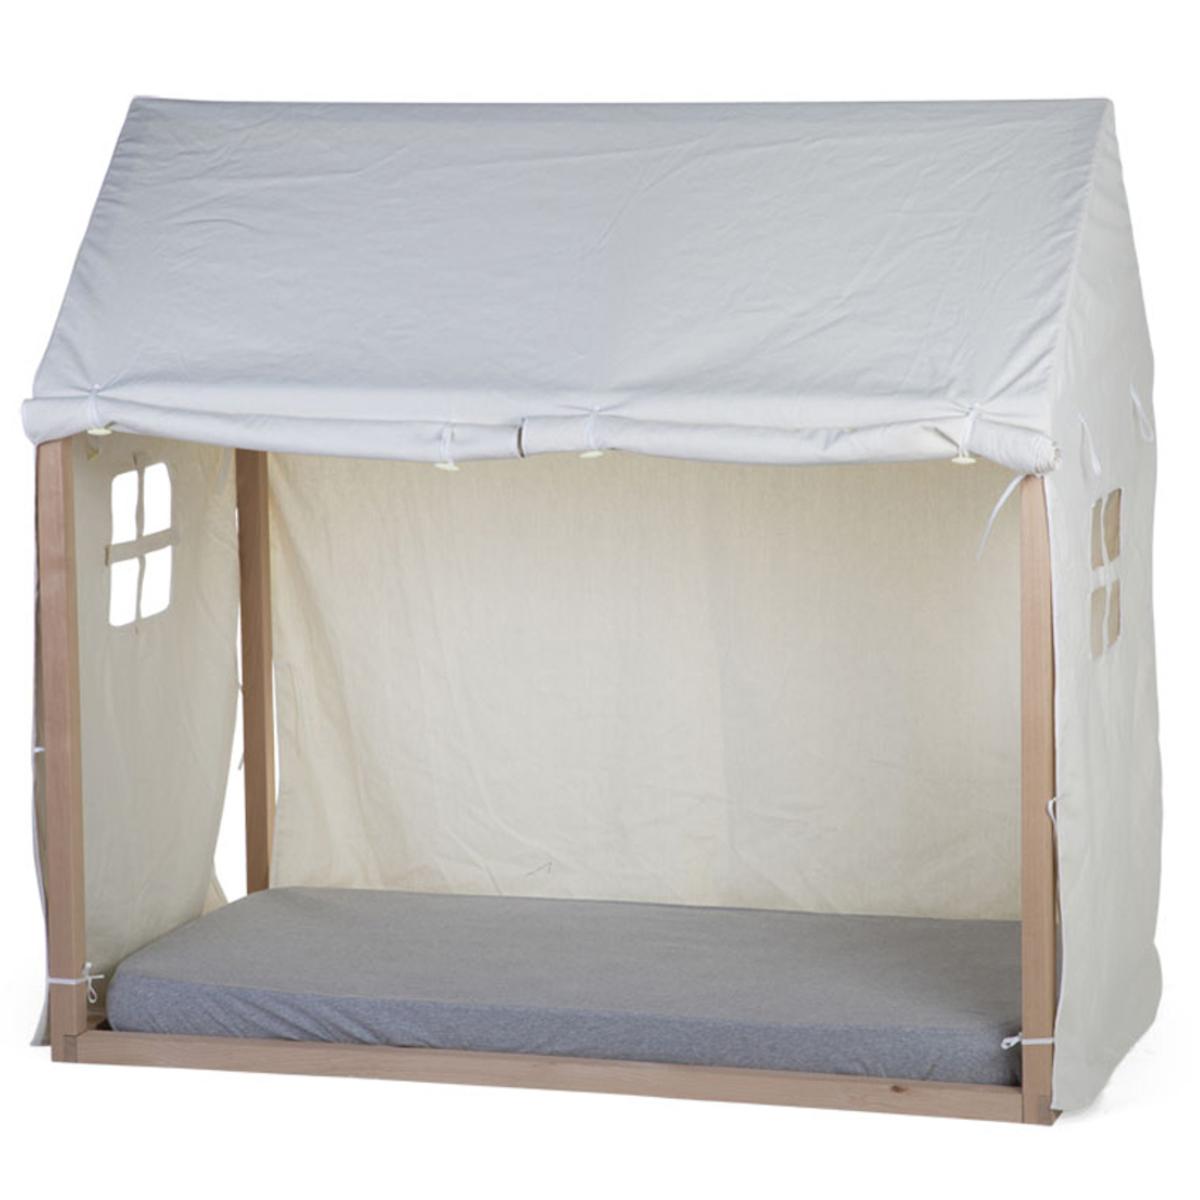 Lit bébé Toile Petite Maison Blanc - 70 x 140 cm